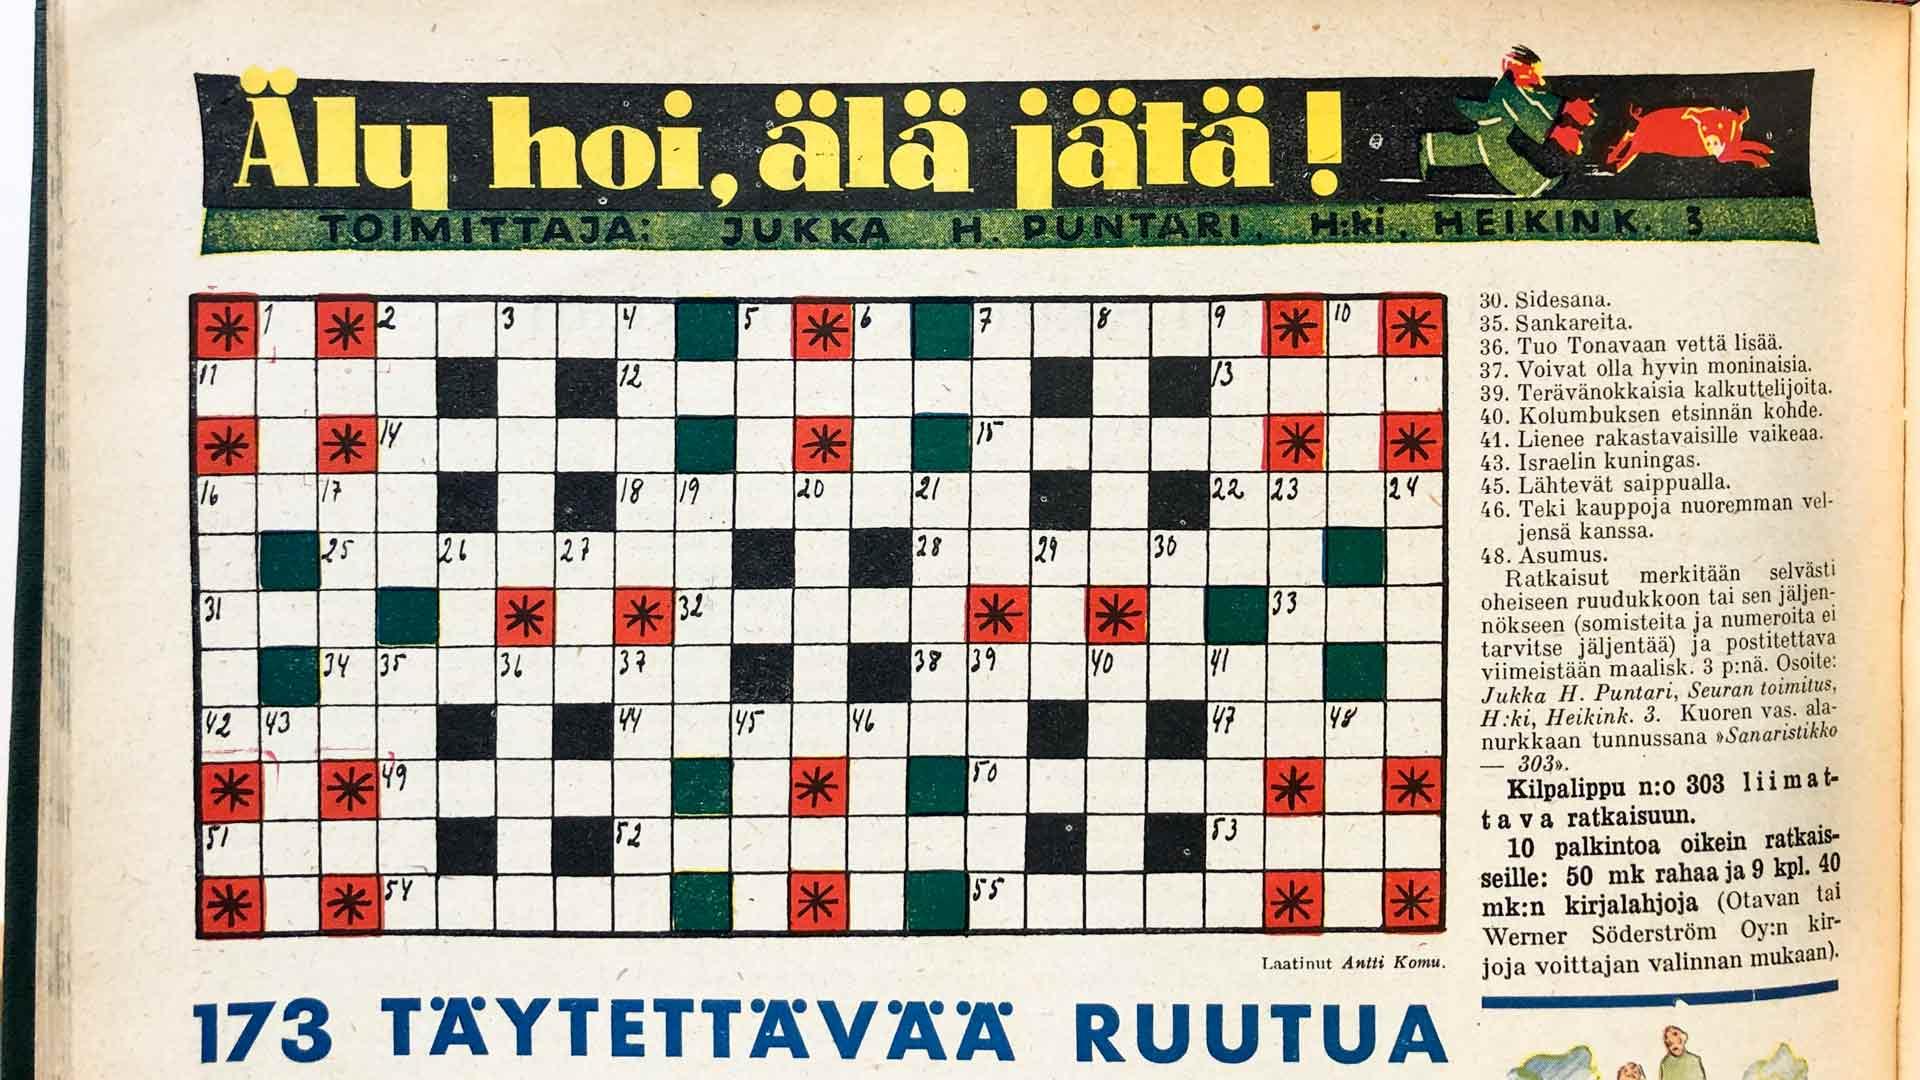 Jukka H. Puntarin tehtäväsivu